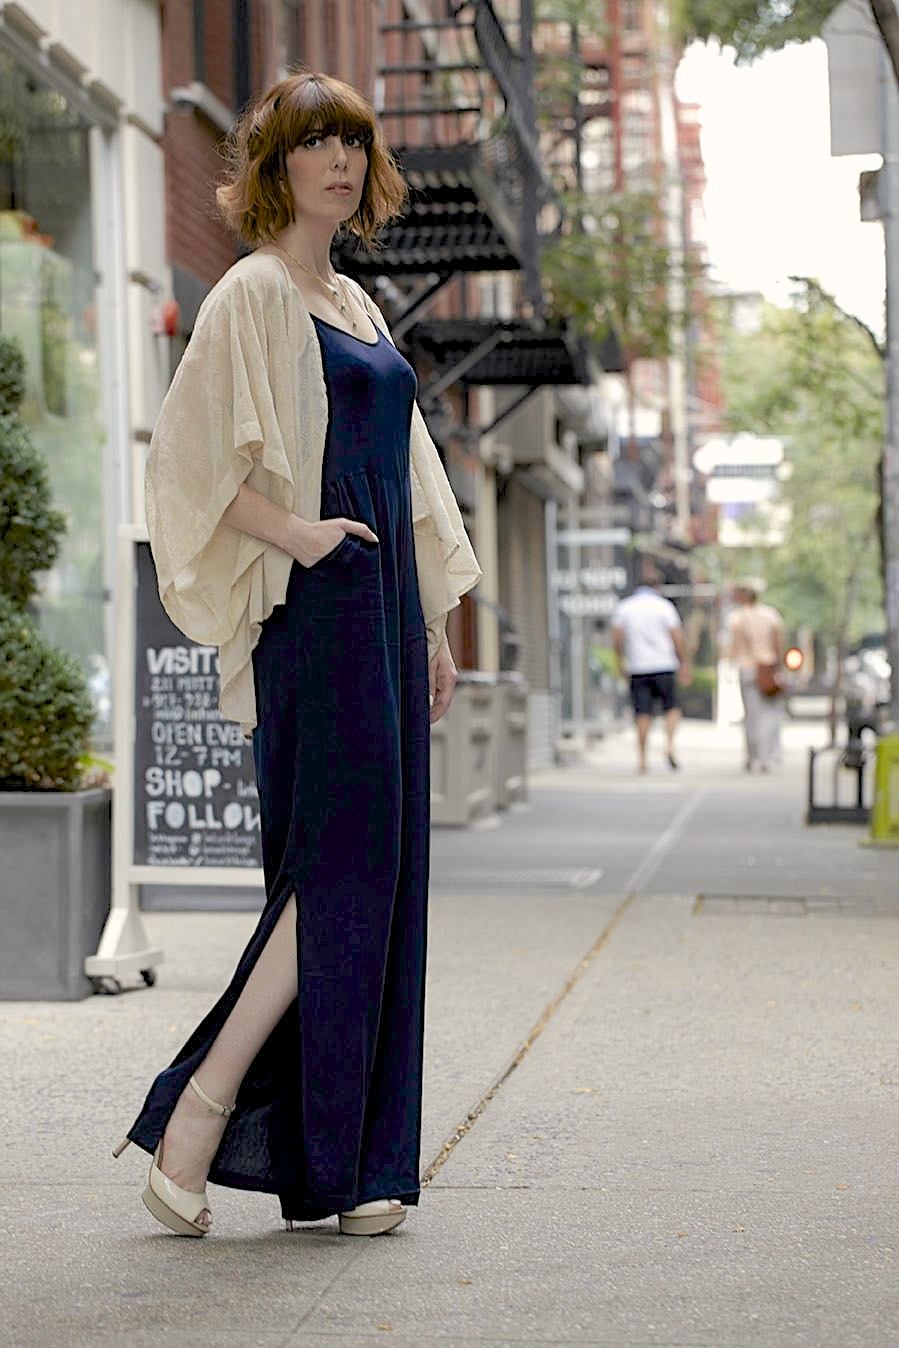 BIG.CITY.LITTLE.DRESS.8.17.14 2103.jpg